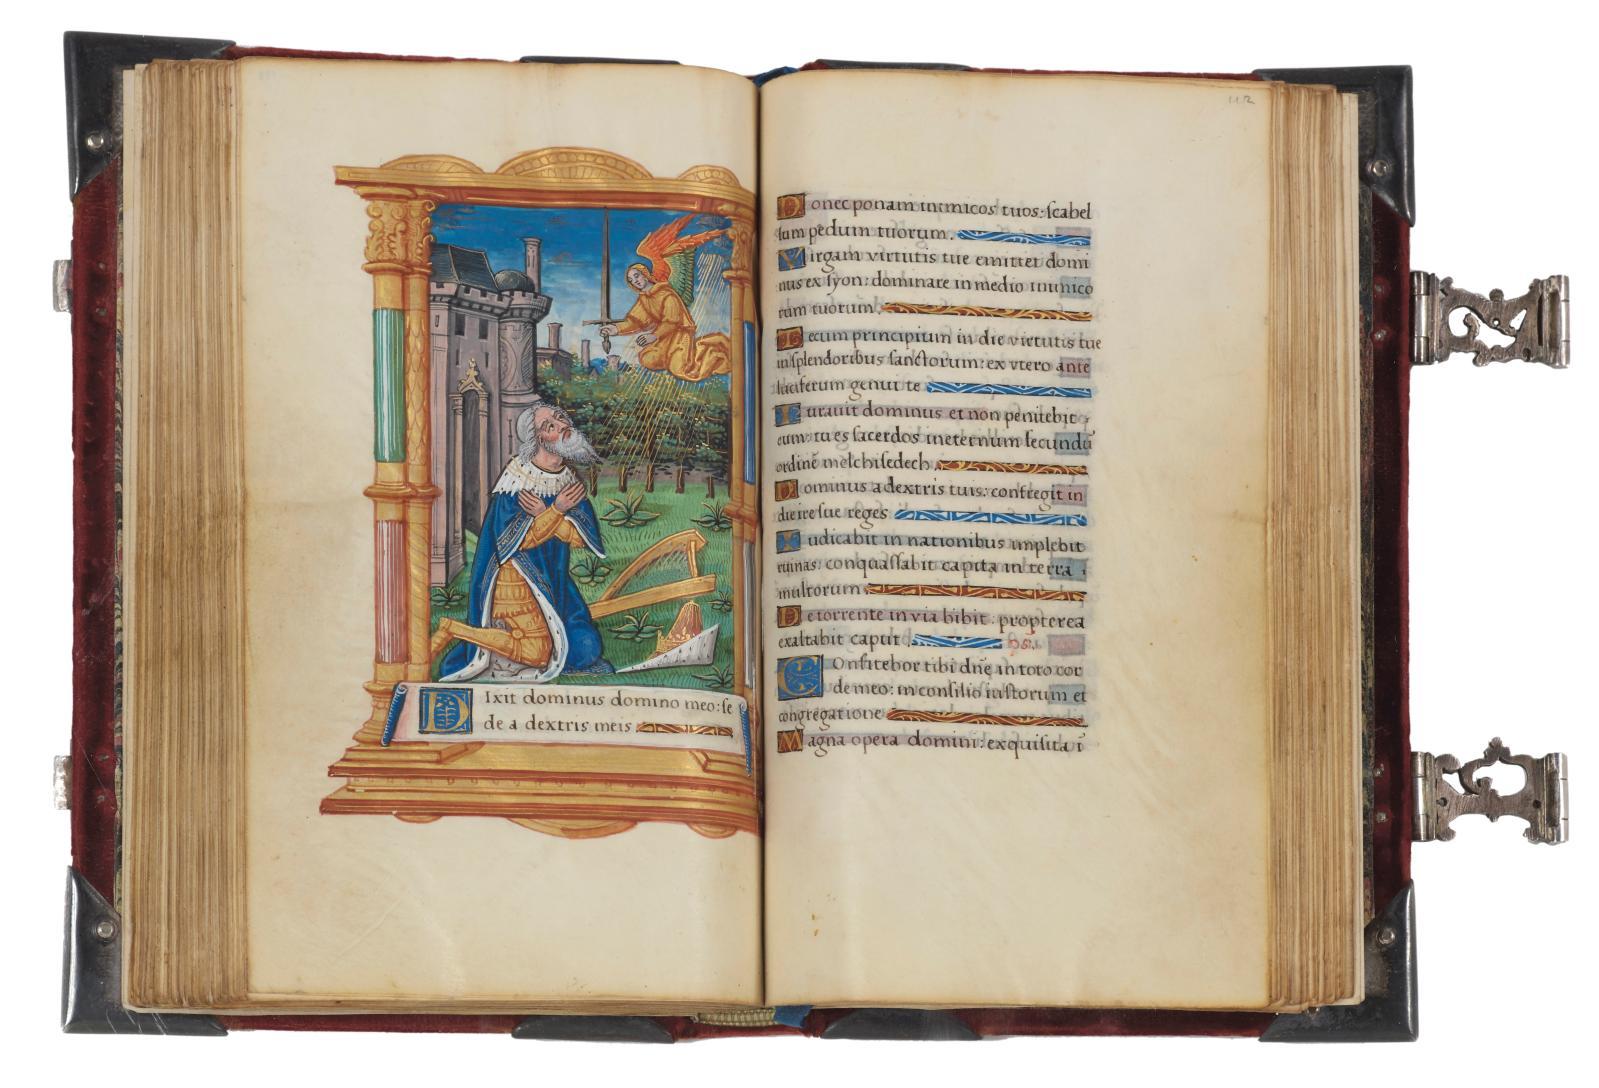 Paris, vers 1520-1530. Psautier férial en français, manuscrit enluminé sur parchemin, avec septgrandes miniatures par l'artiste désigné c